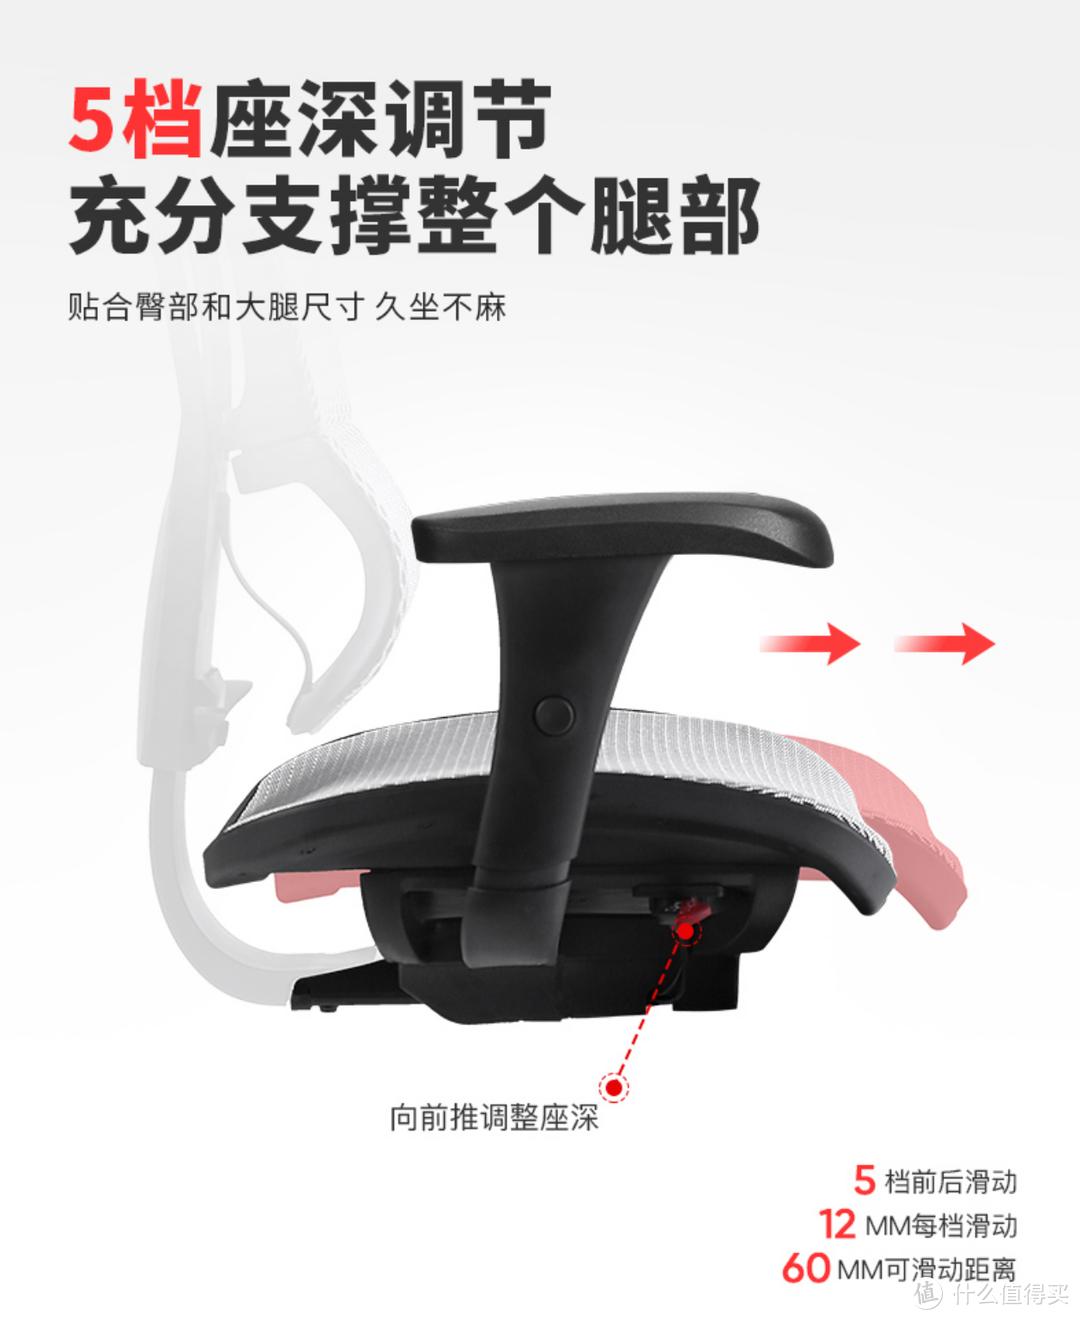 """某款""""人体工学椅""""的广告"""